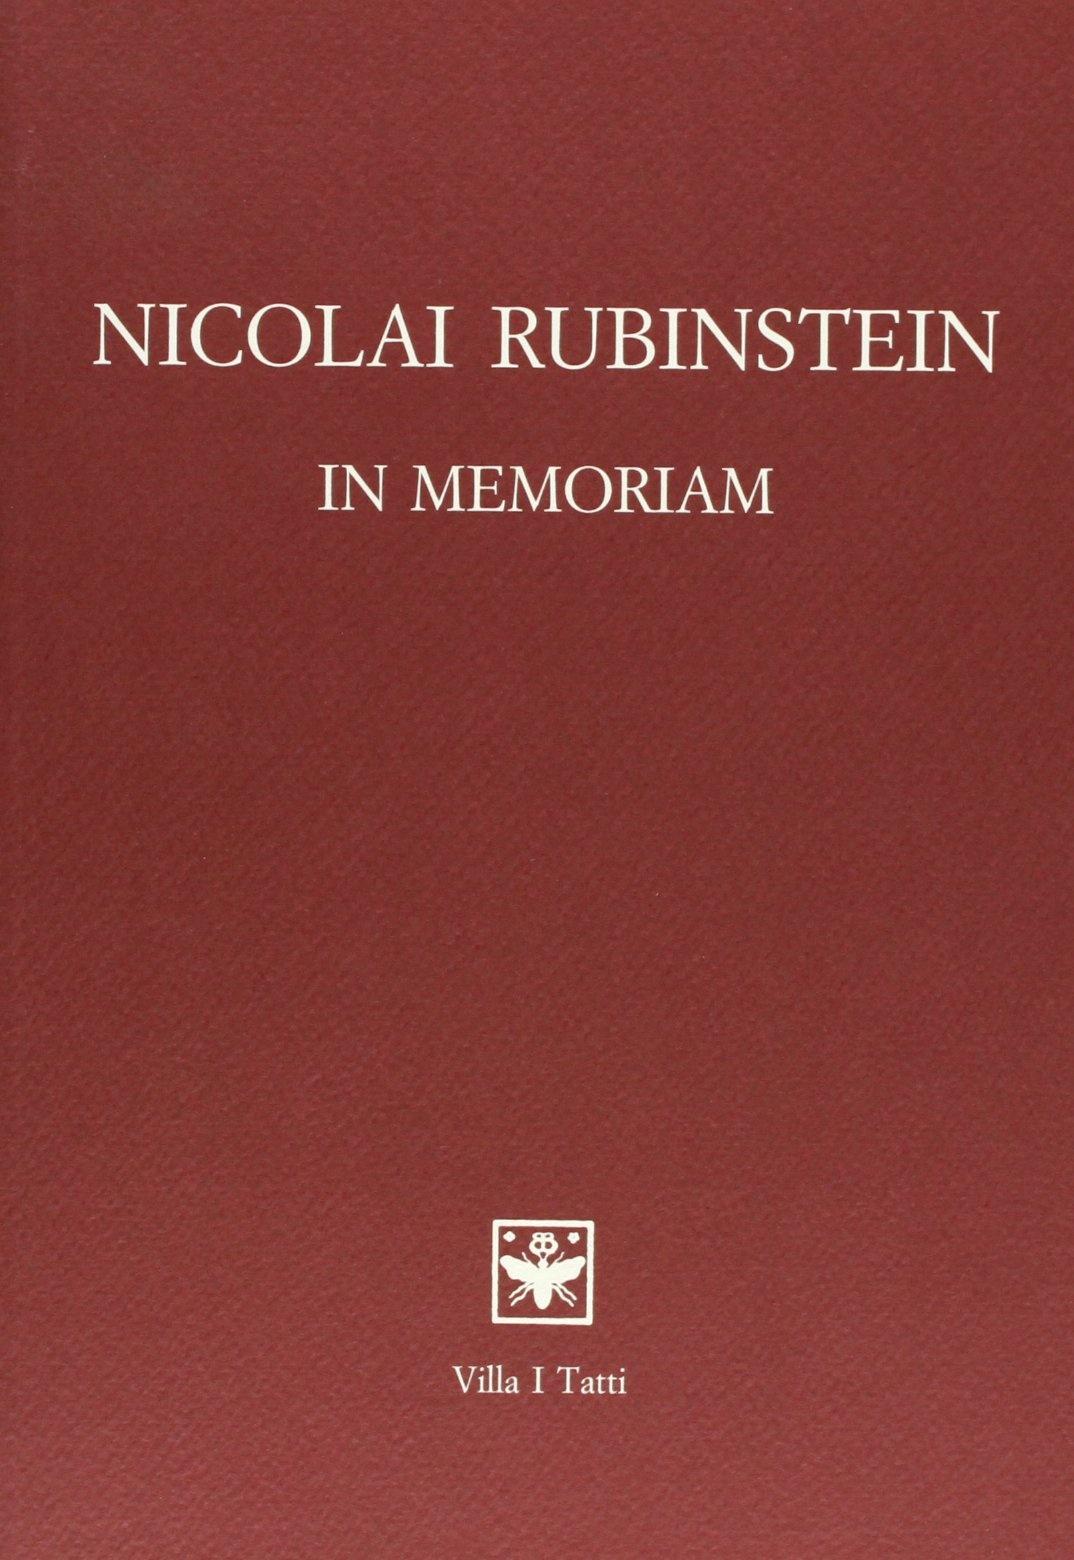 Nicolai Rubinstein – In Memoriam